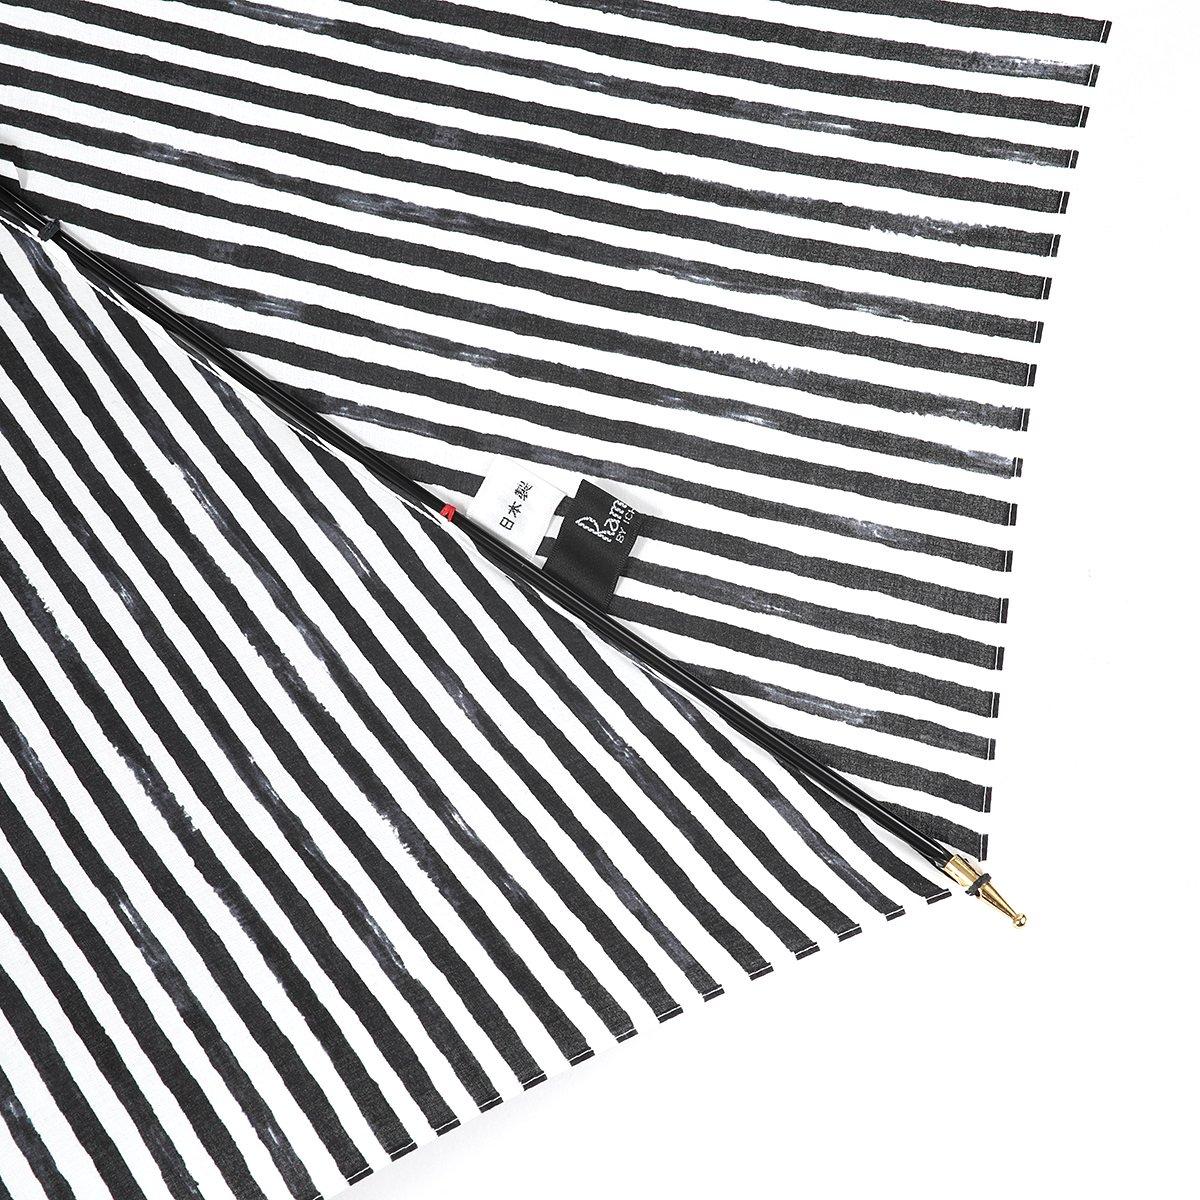 【晴雨兼用傘】レディース 手書き風 ストライプ柄 長傘 詳細画像7